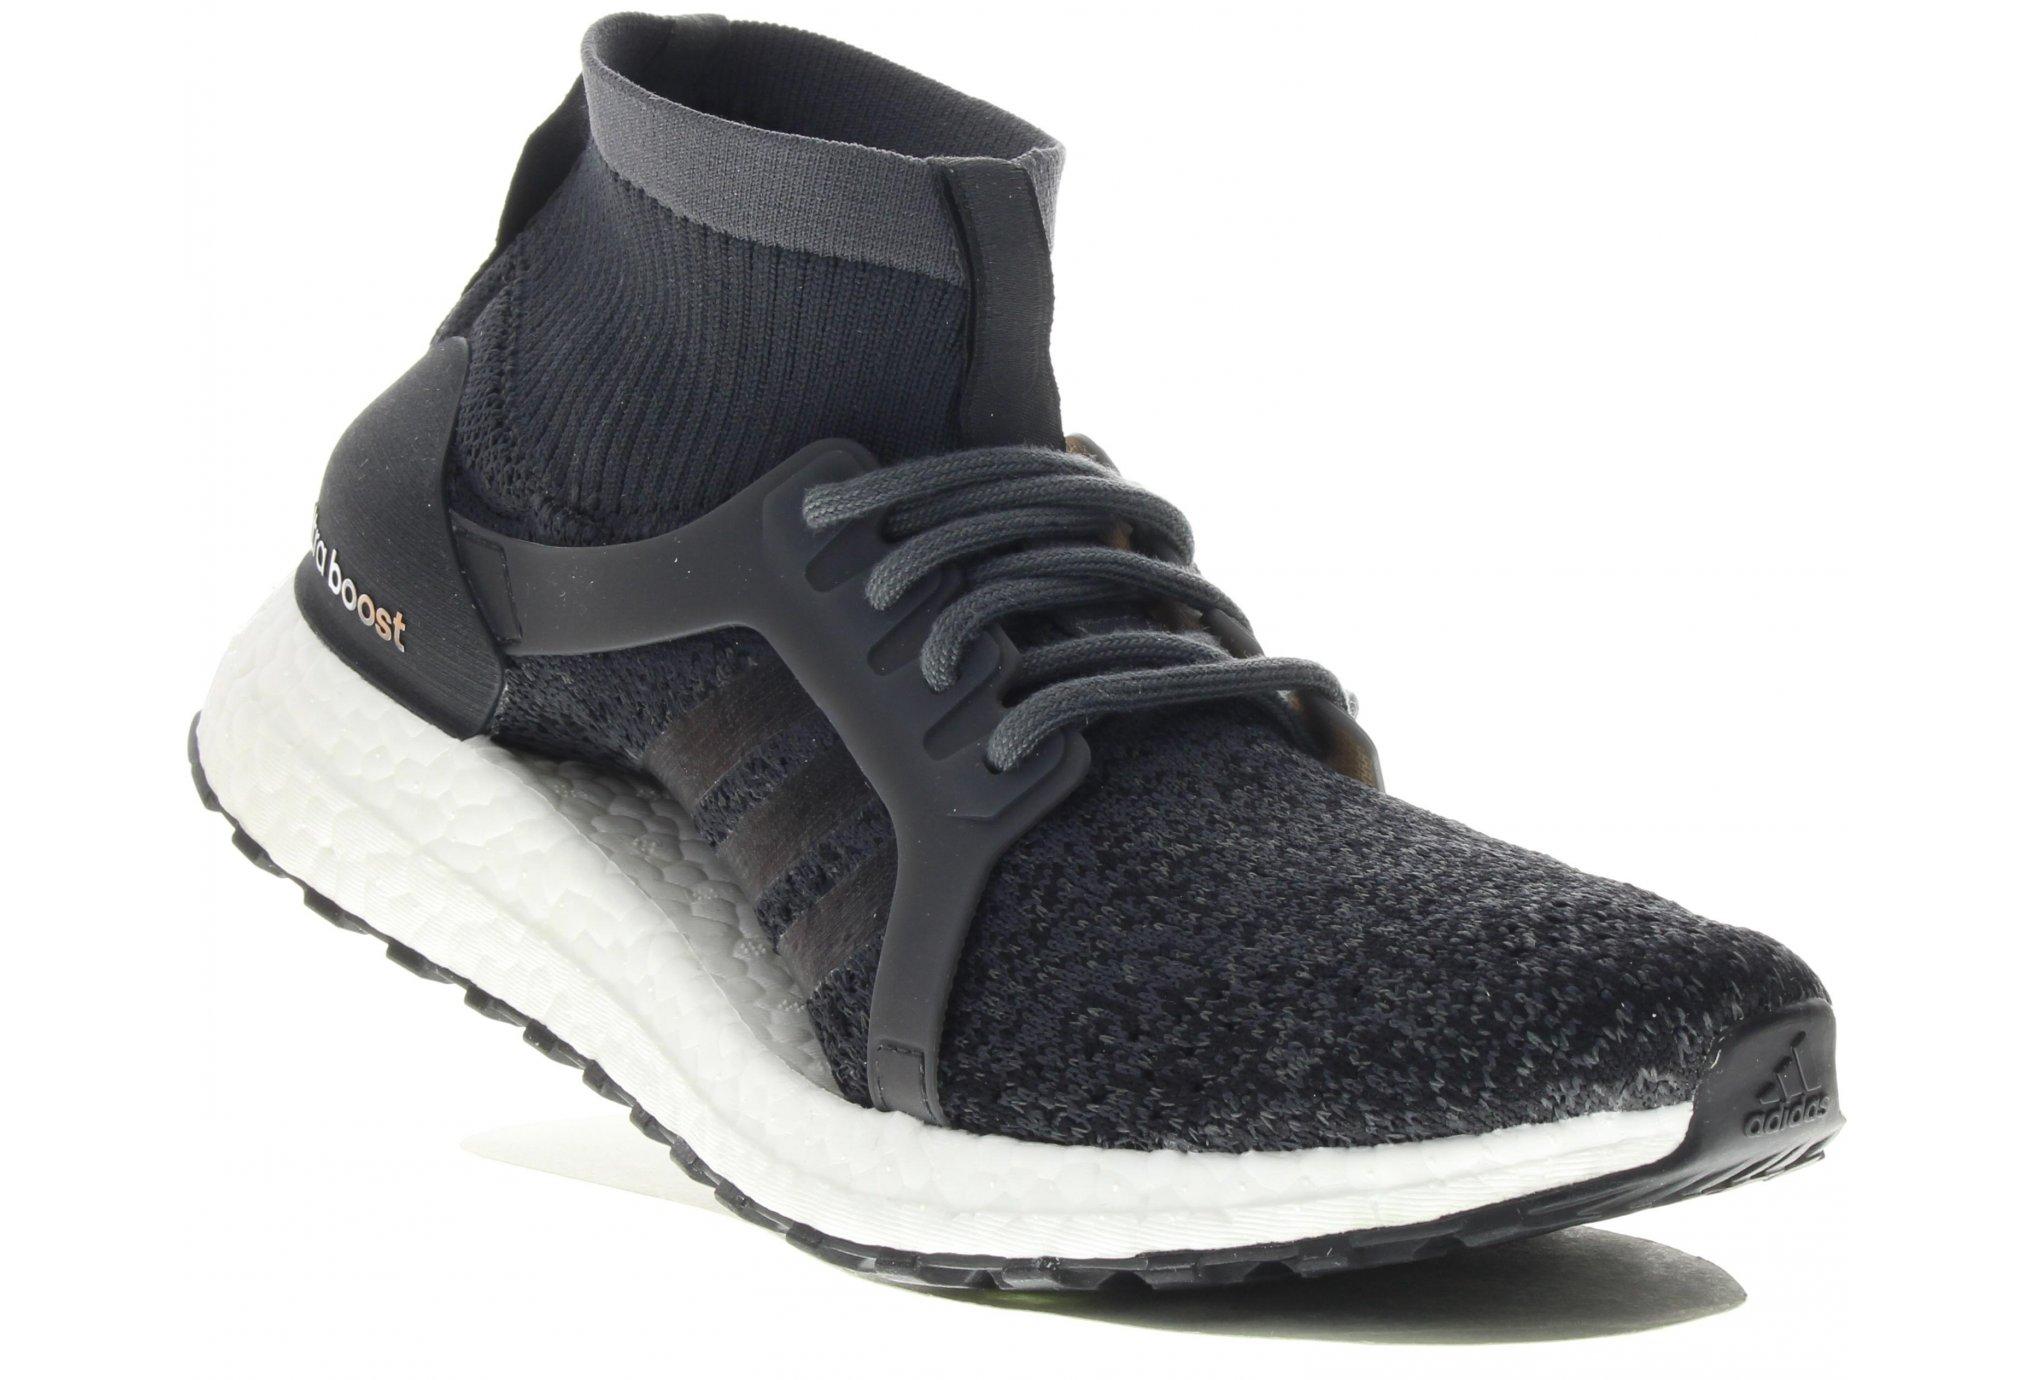 adidas UltraBOOST X All Terrain W Diététique Chaussures femme